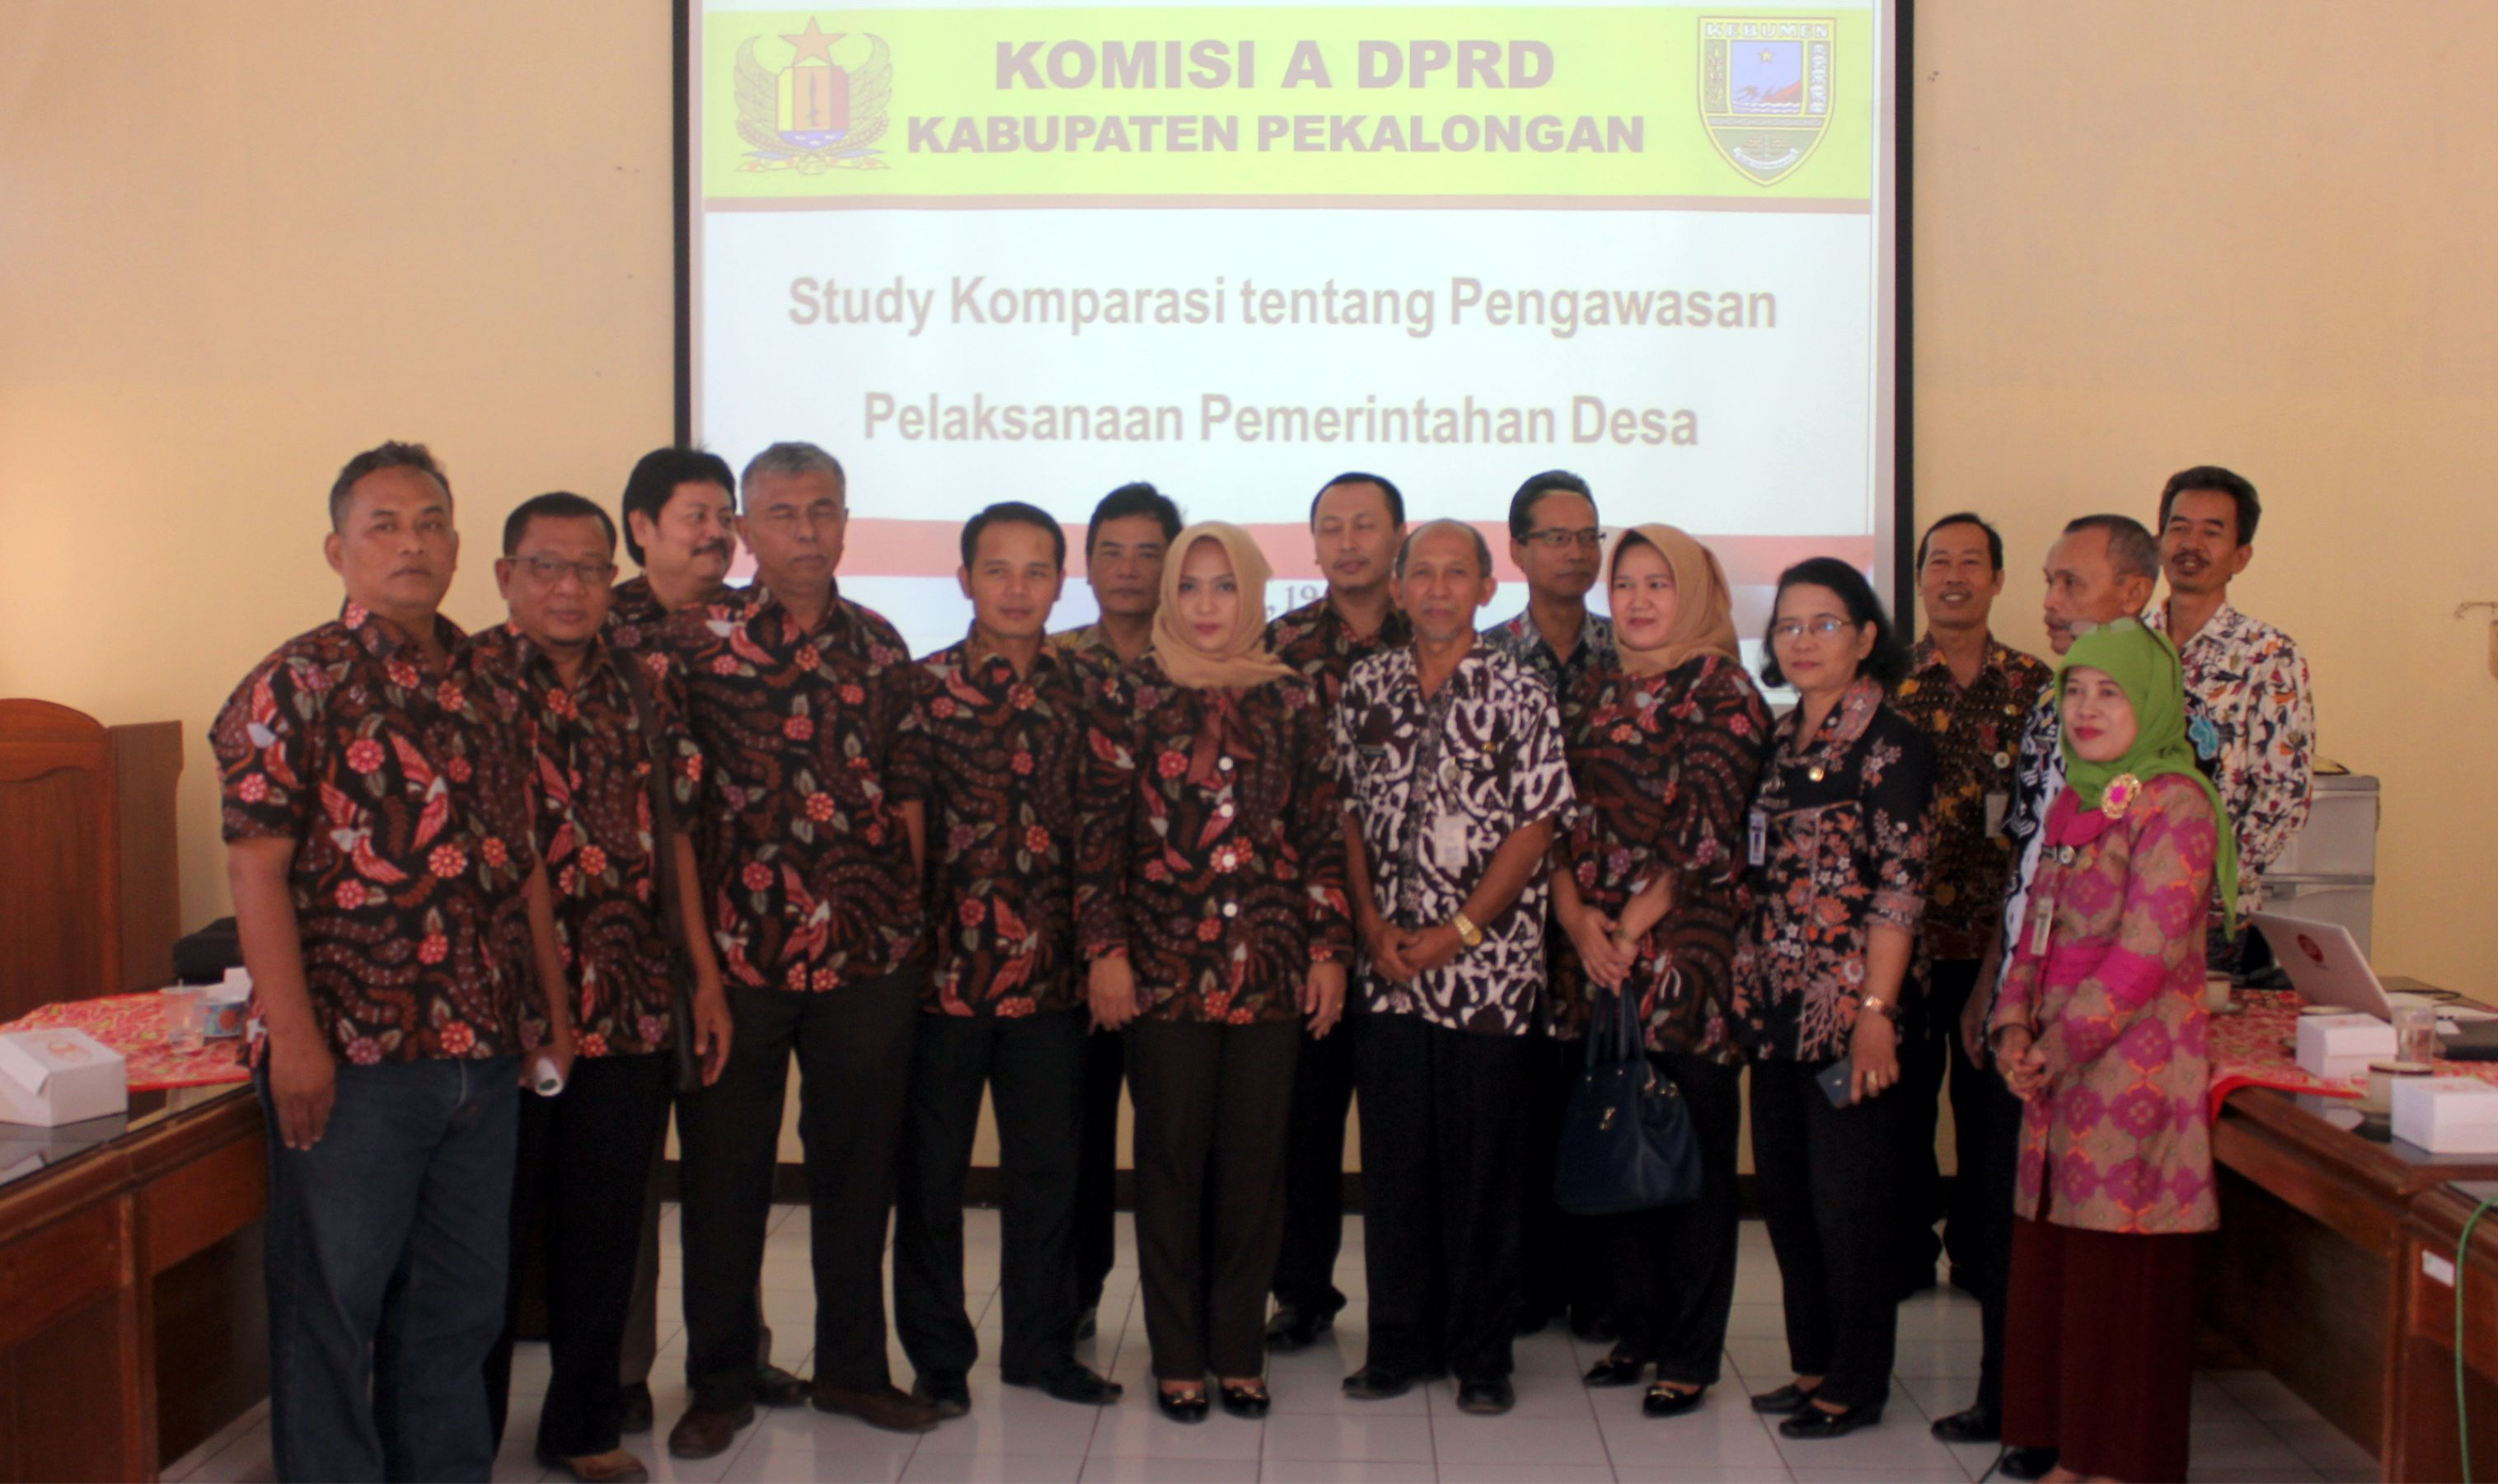 Komisi A DPRD Kabupaten Pekalongan berkunjung ke Inspektorat Kabupaten Kebumen